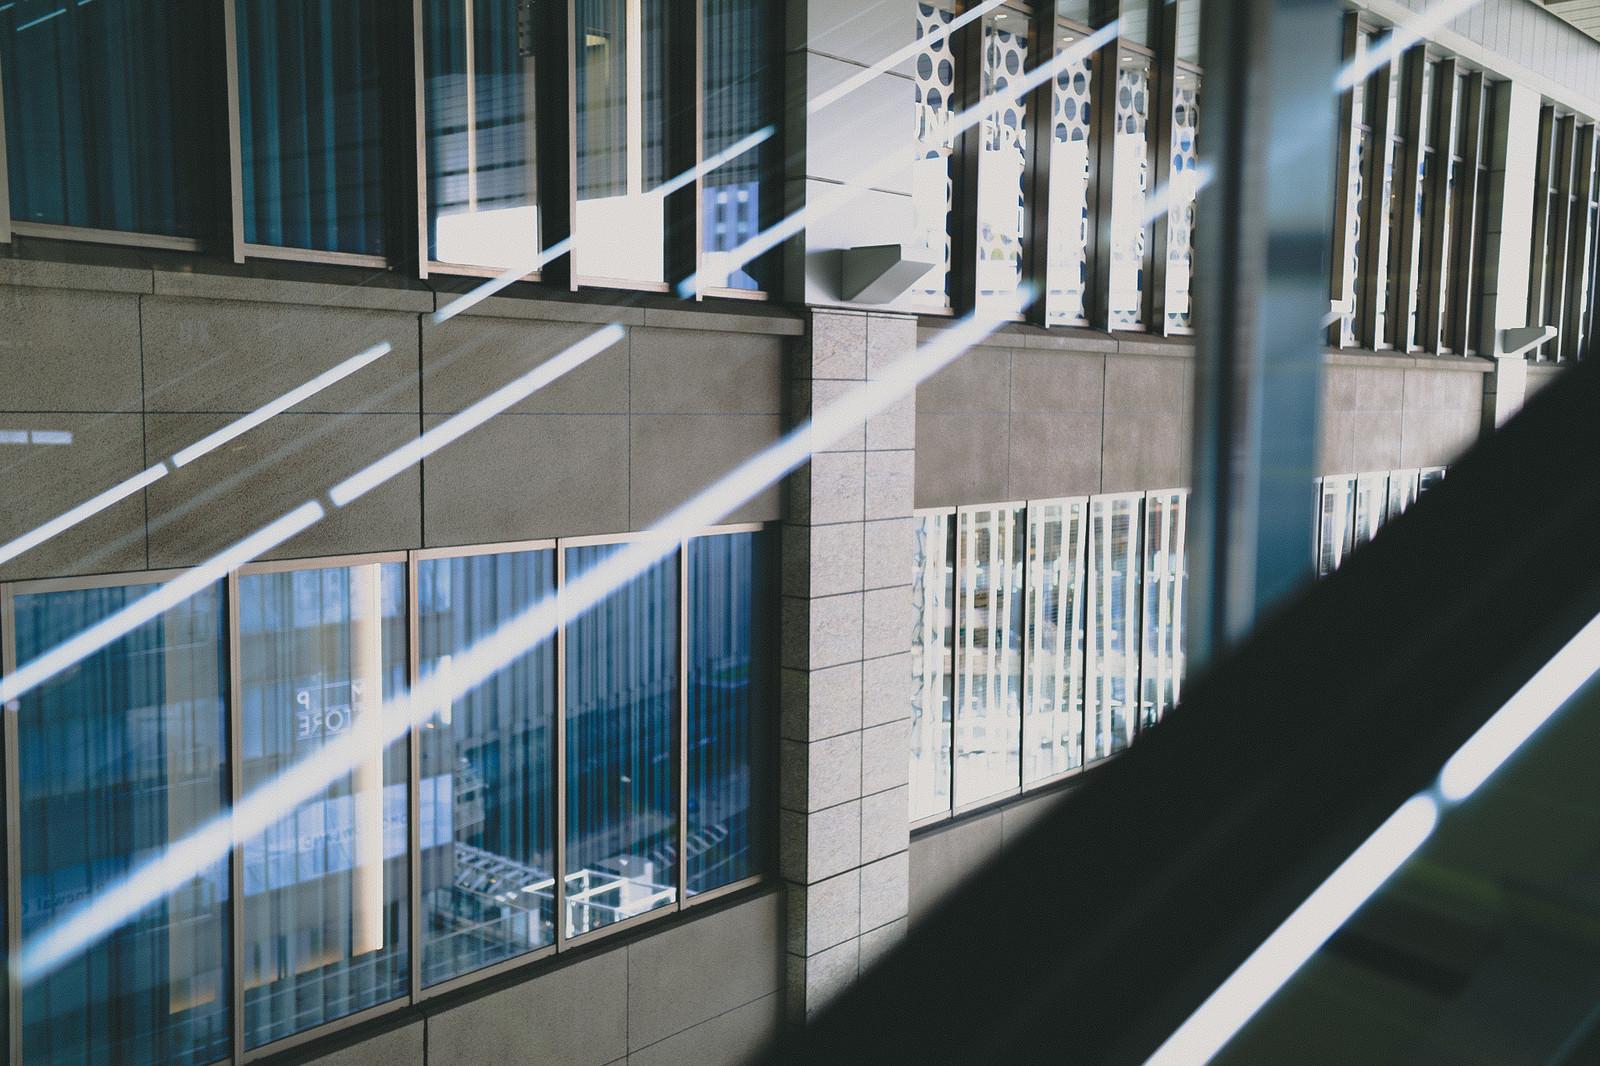 「ガラスに反射する蛍光灯の明かり」の写真